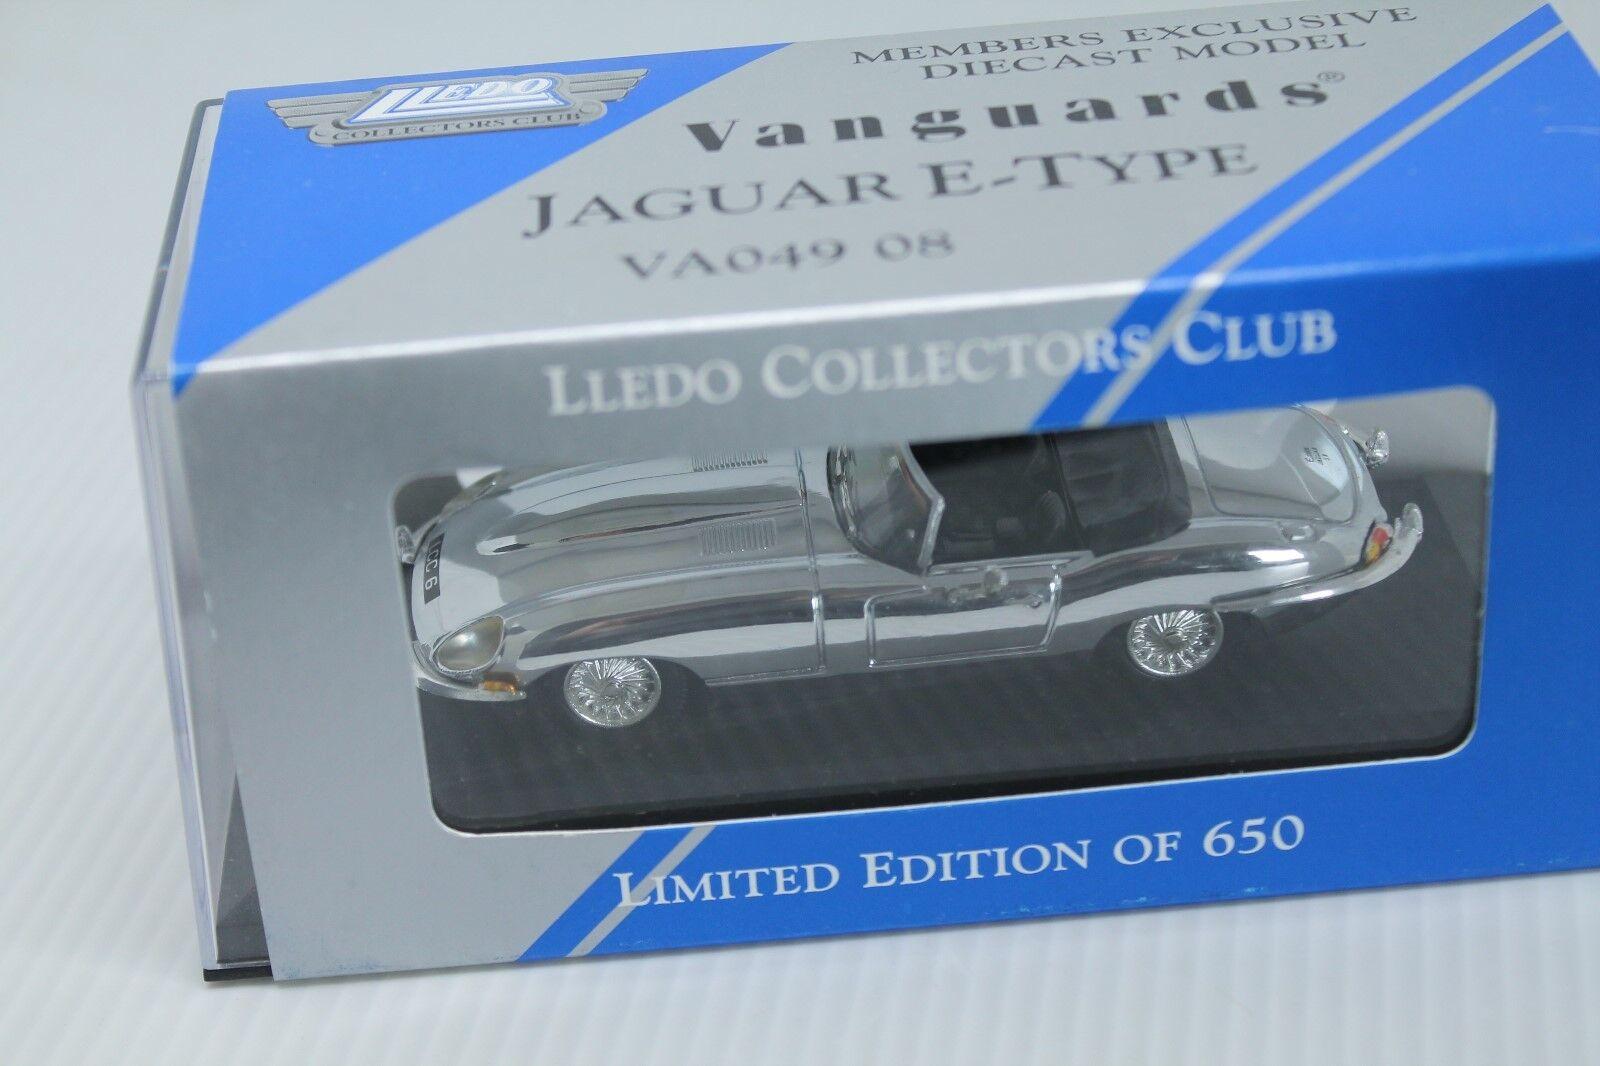 VANGUARDS (Corgi)  Jaguar E-Type  BOXED  1 43   Limited 650 pieces  haute qualité et expédition rapide